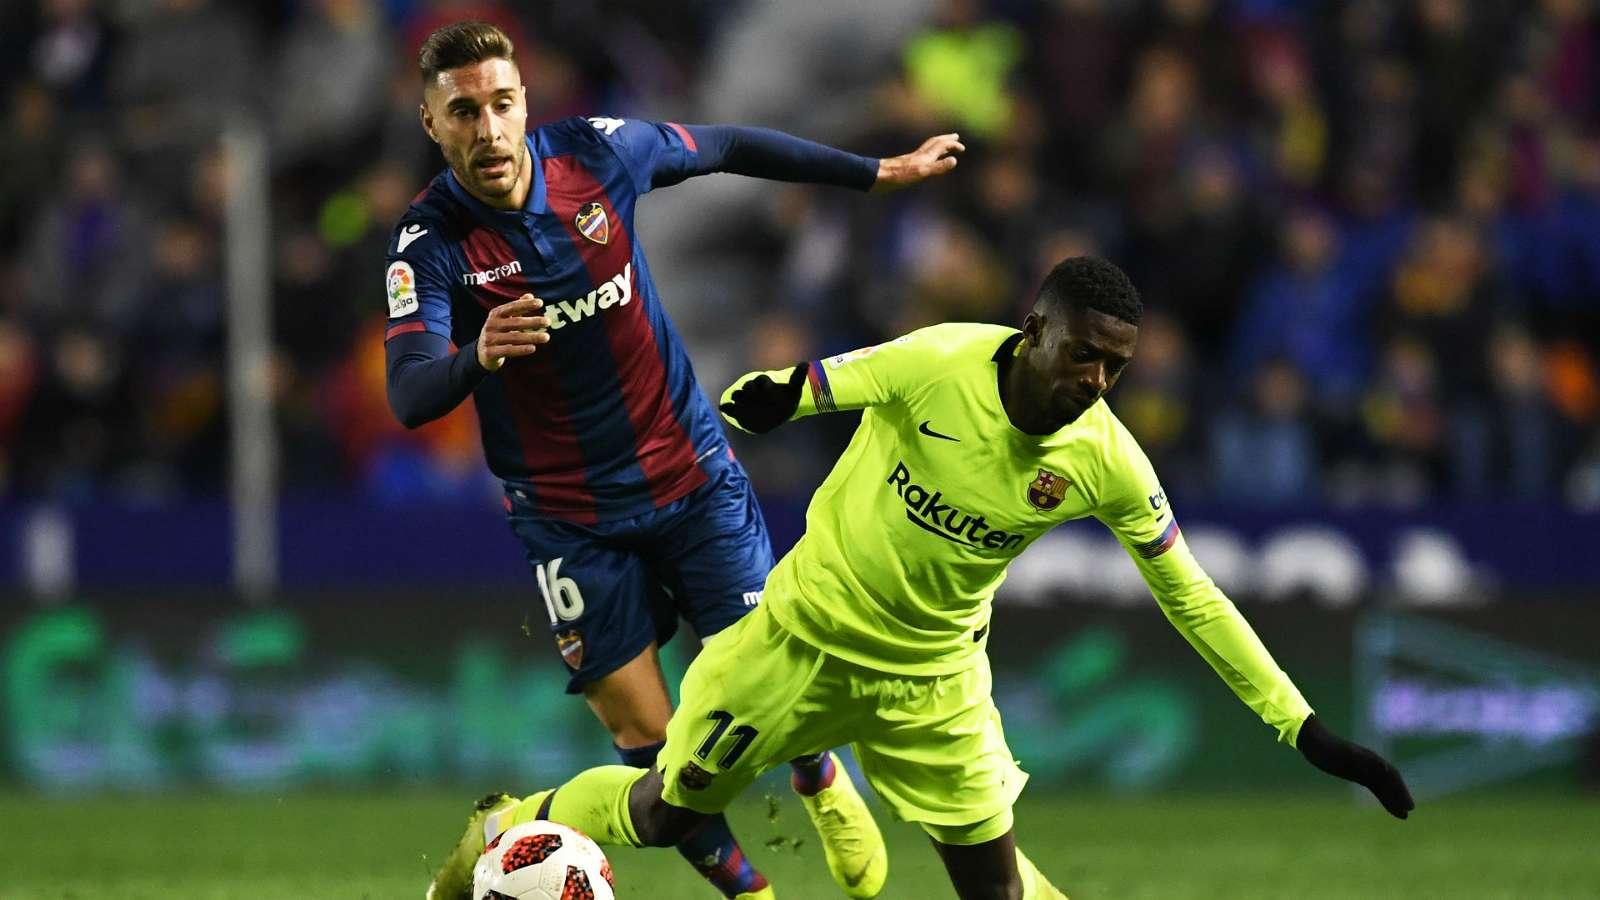 COPA DEL REY 1/8 DE FINALE ALLER  : Levante - Barça  2 - 1, un piètre Barça sans Messi trébuche en Coupe (match aller)